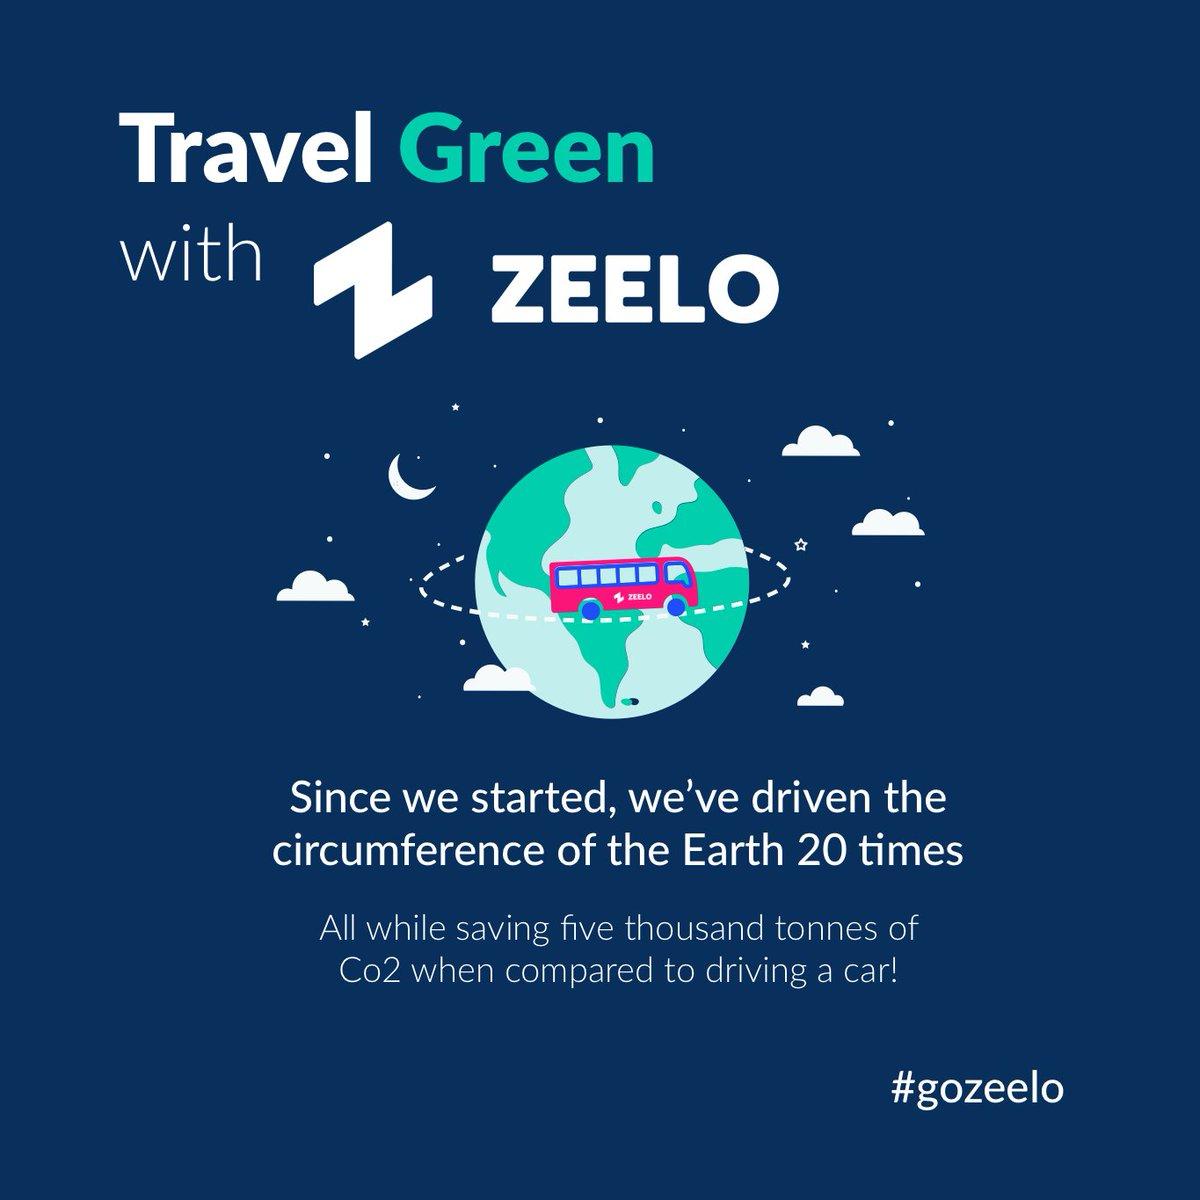 Around the world with Zeelo!